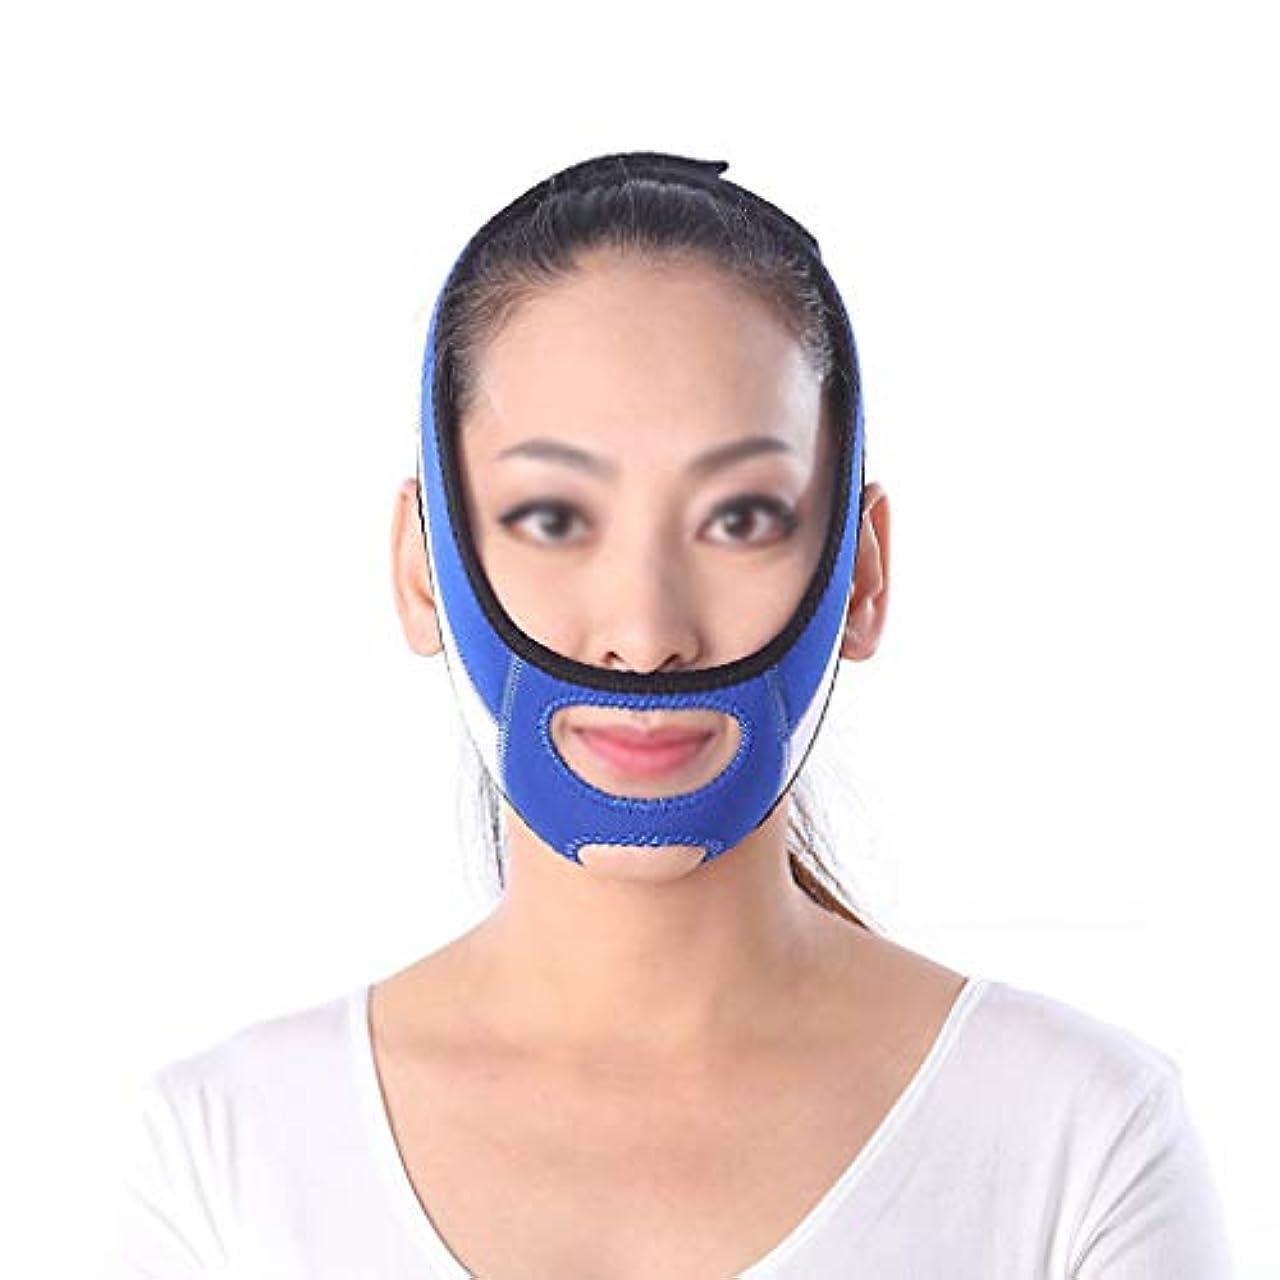 専門化するメナジェリー徹底フェイスリフティング包帯、フェイスリフティングマスク、フェイスリフティング器具、二重あごケア減量、フェイシャルリフティングストラップ(フリーサイズ、ブルー)